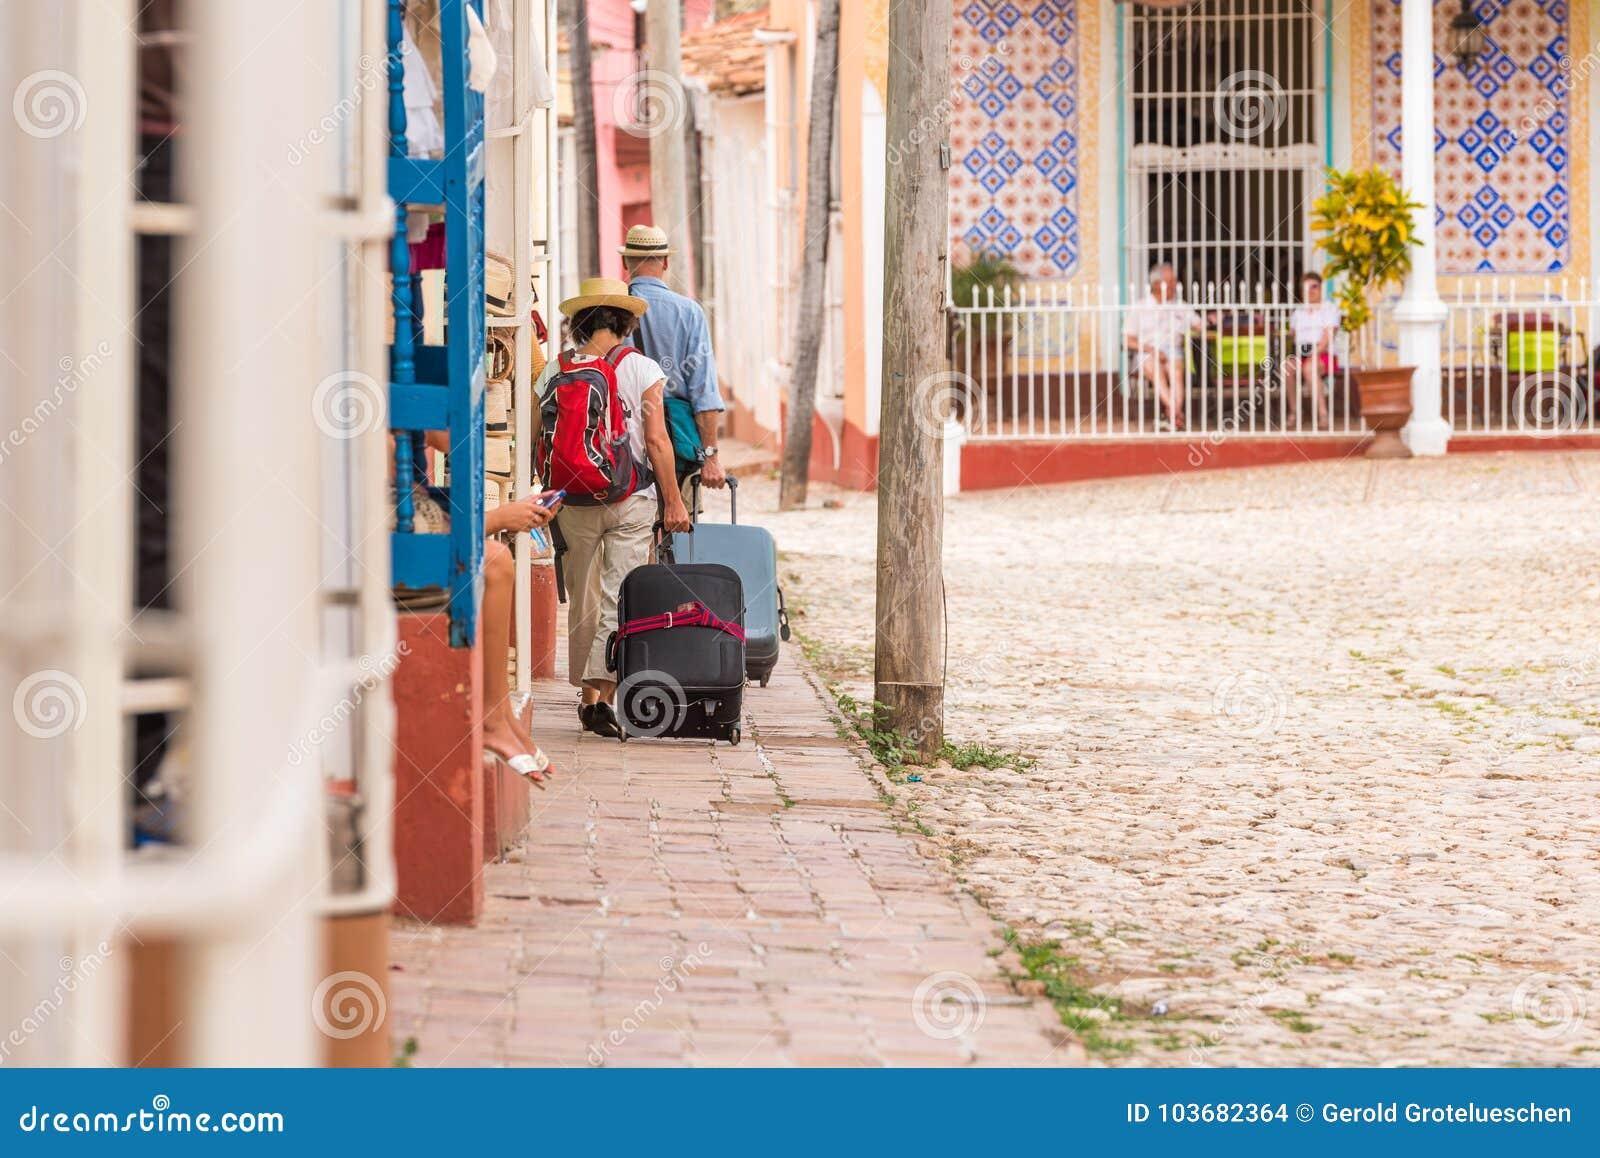 城市街道的看法,特立尼达,圣斯皮里图斯市,古巴 复制文本的空间